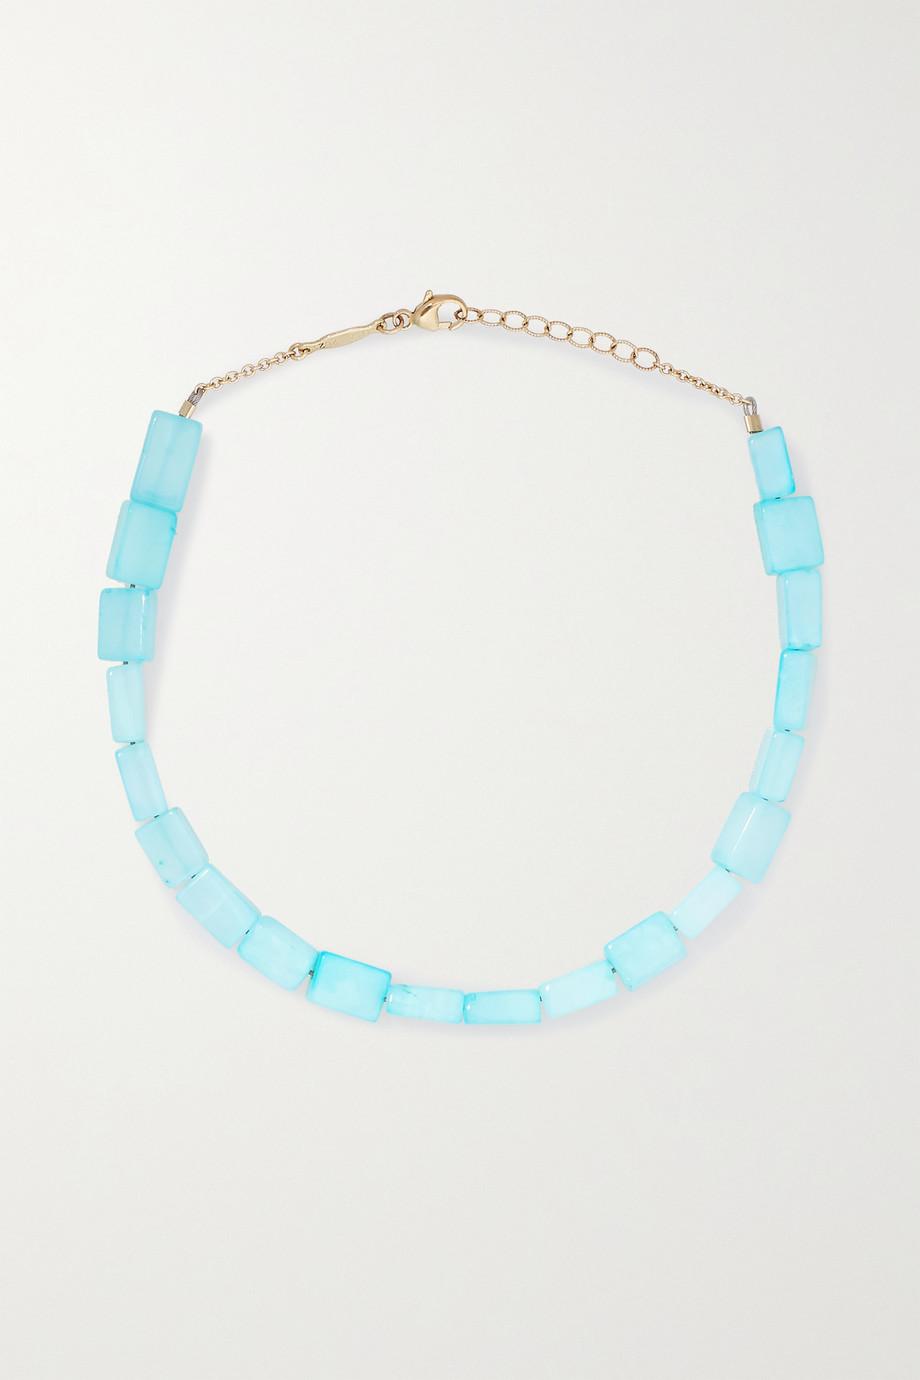 Jacquie Aiche 14-karat gold opal anklet